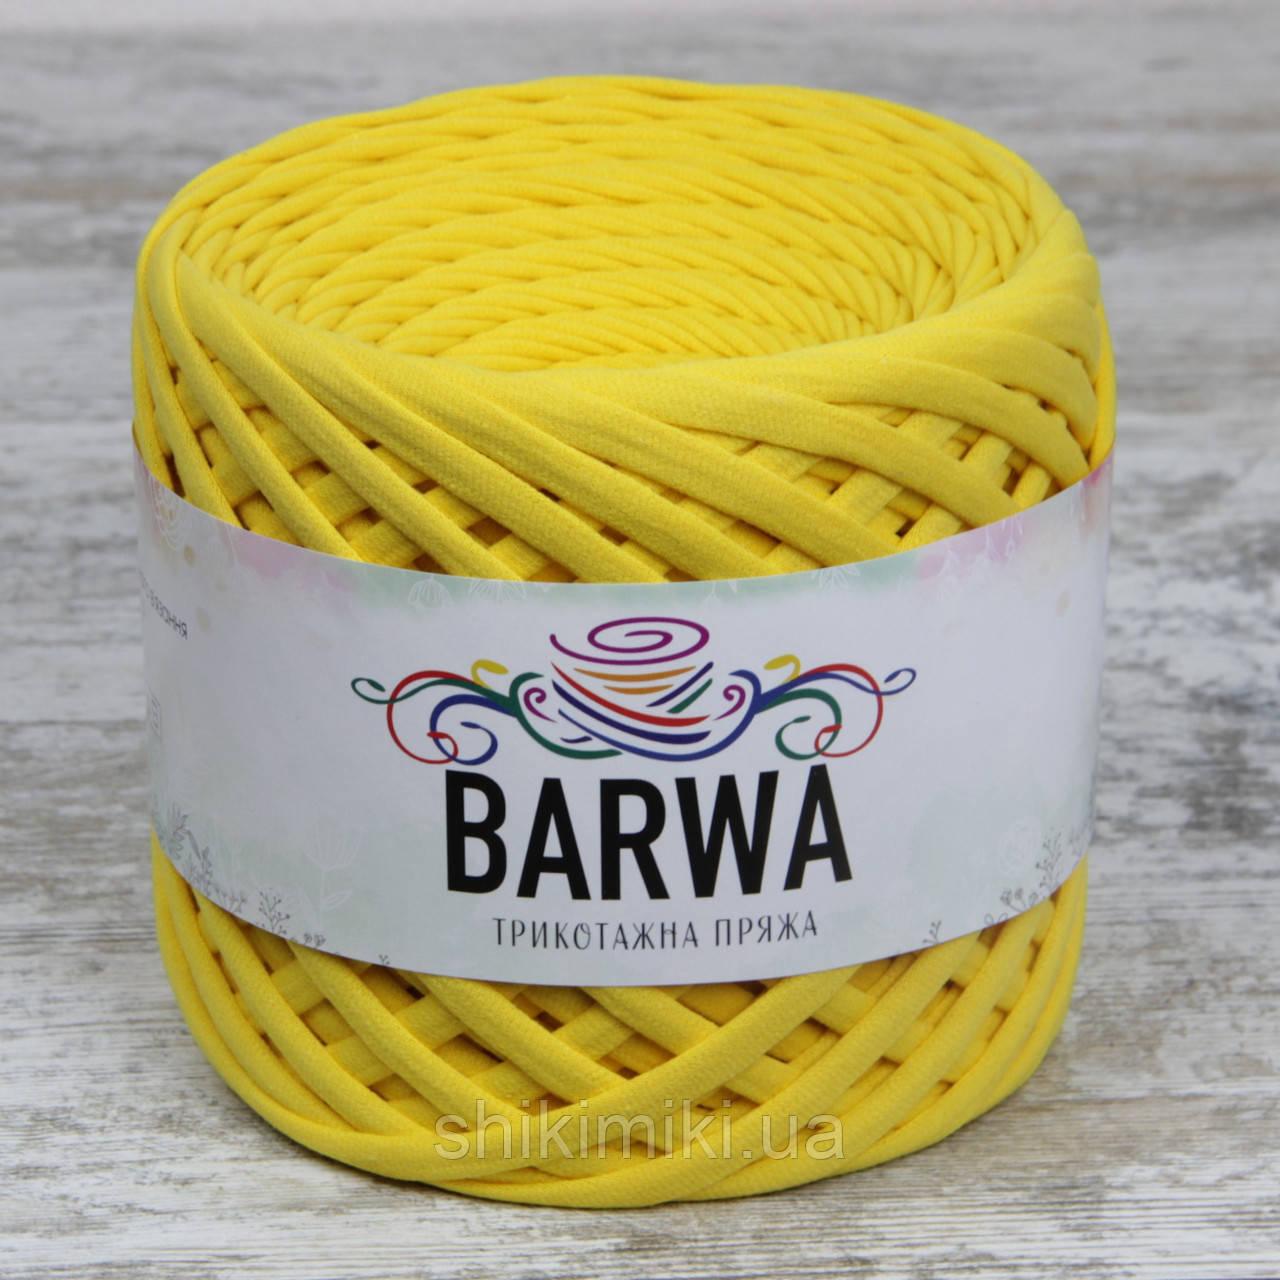 Пряжа трикотажна Barwa (7-9 мм), колір Кульбаба